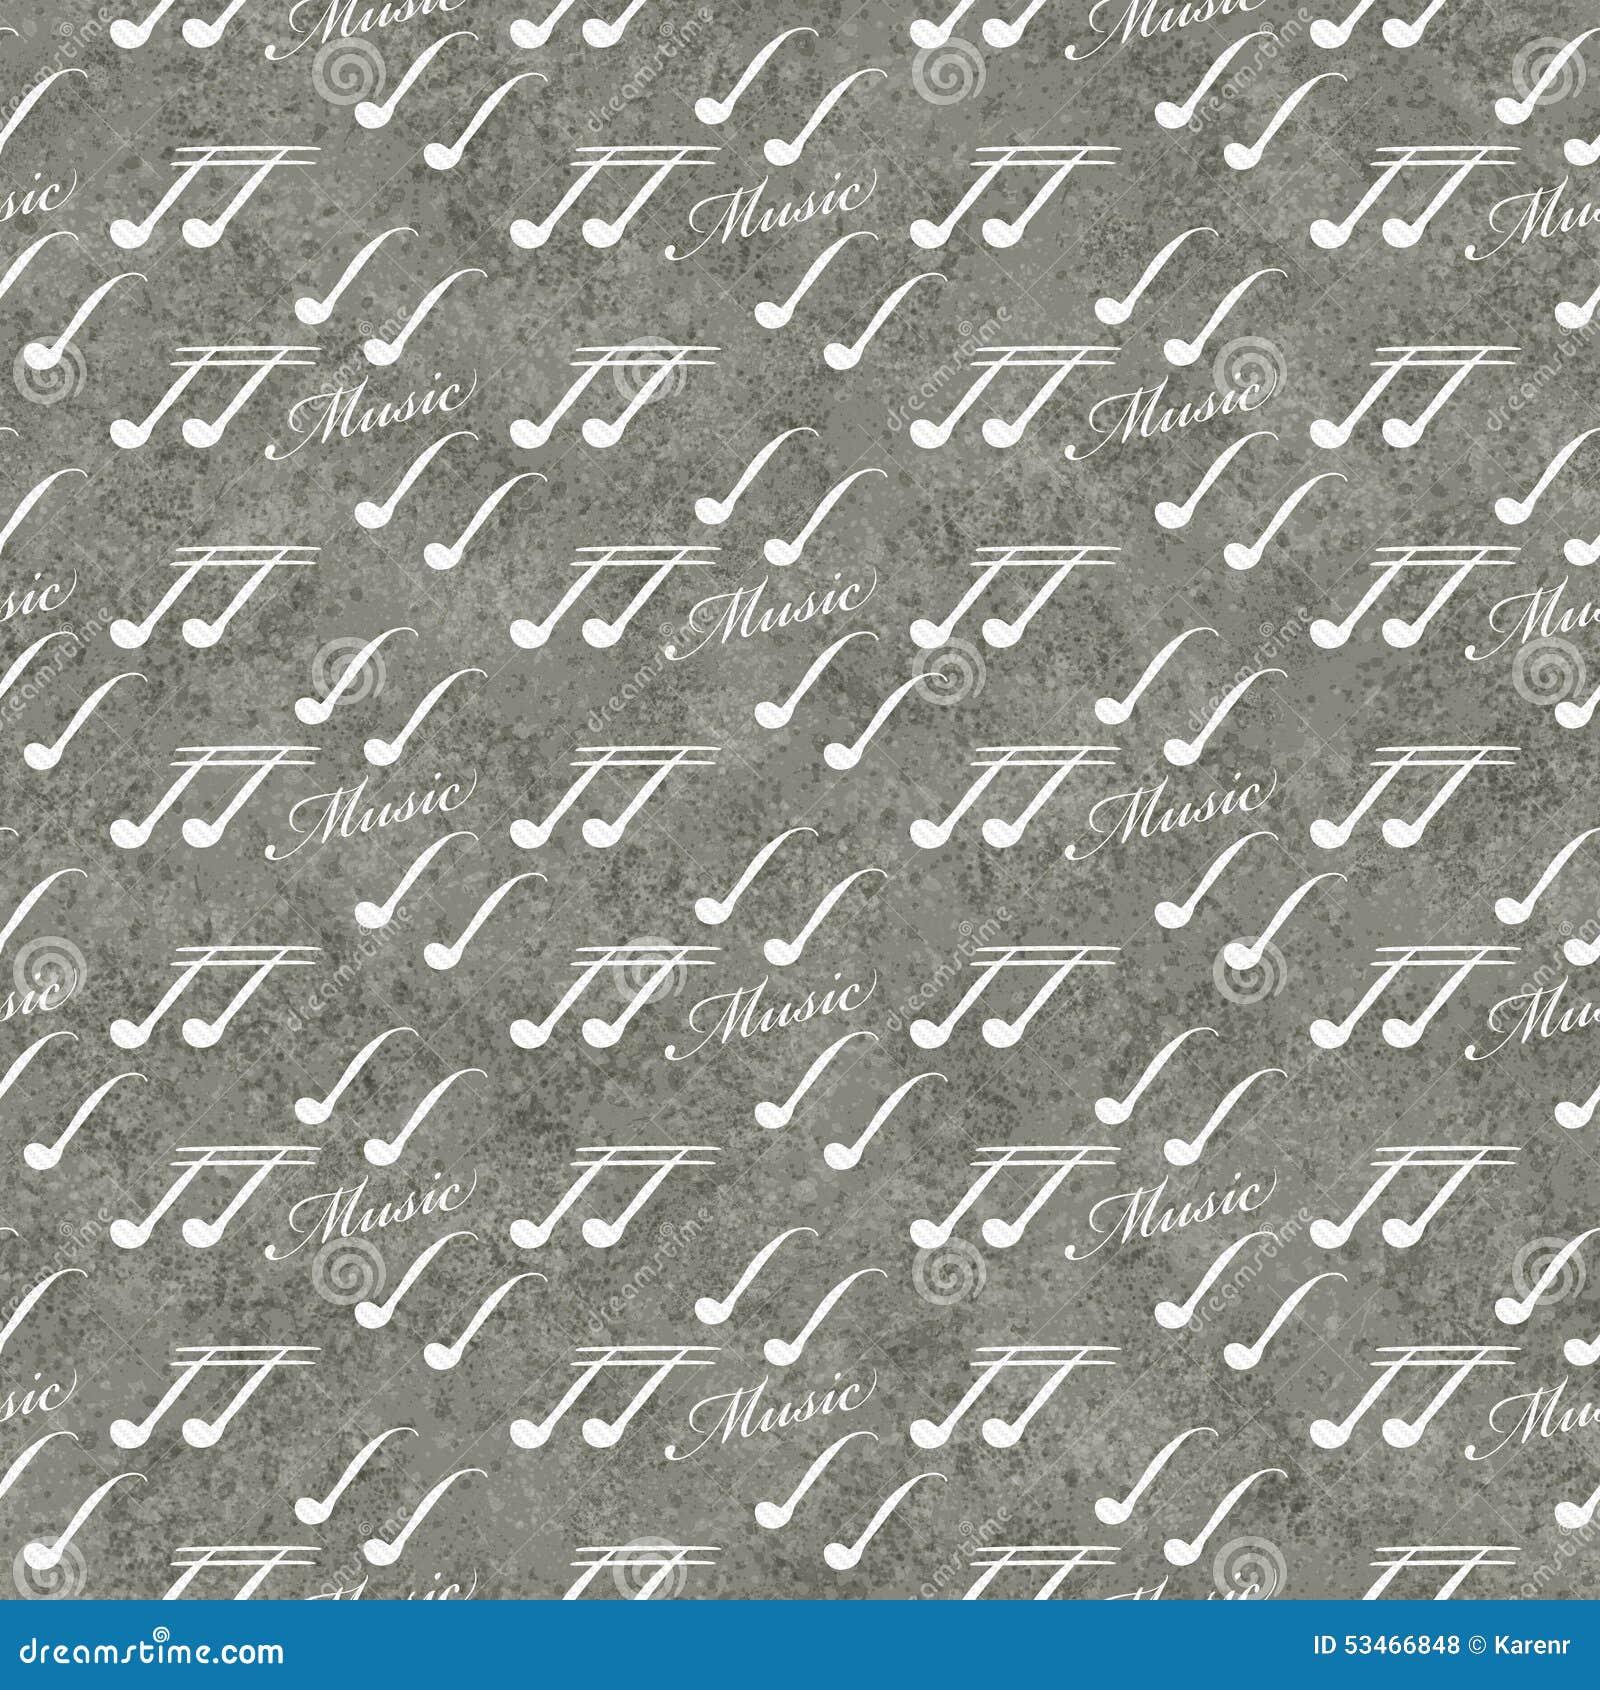 Fundo cinzento e branco da repetição do teste padrão da telha do símbolo de música